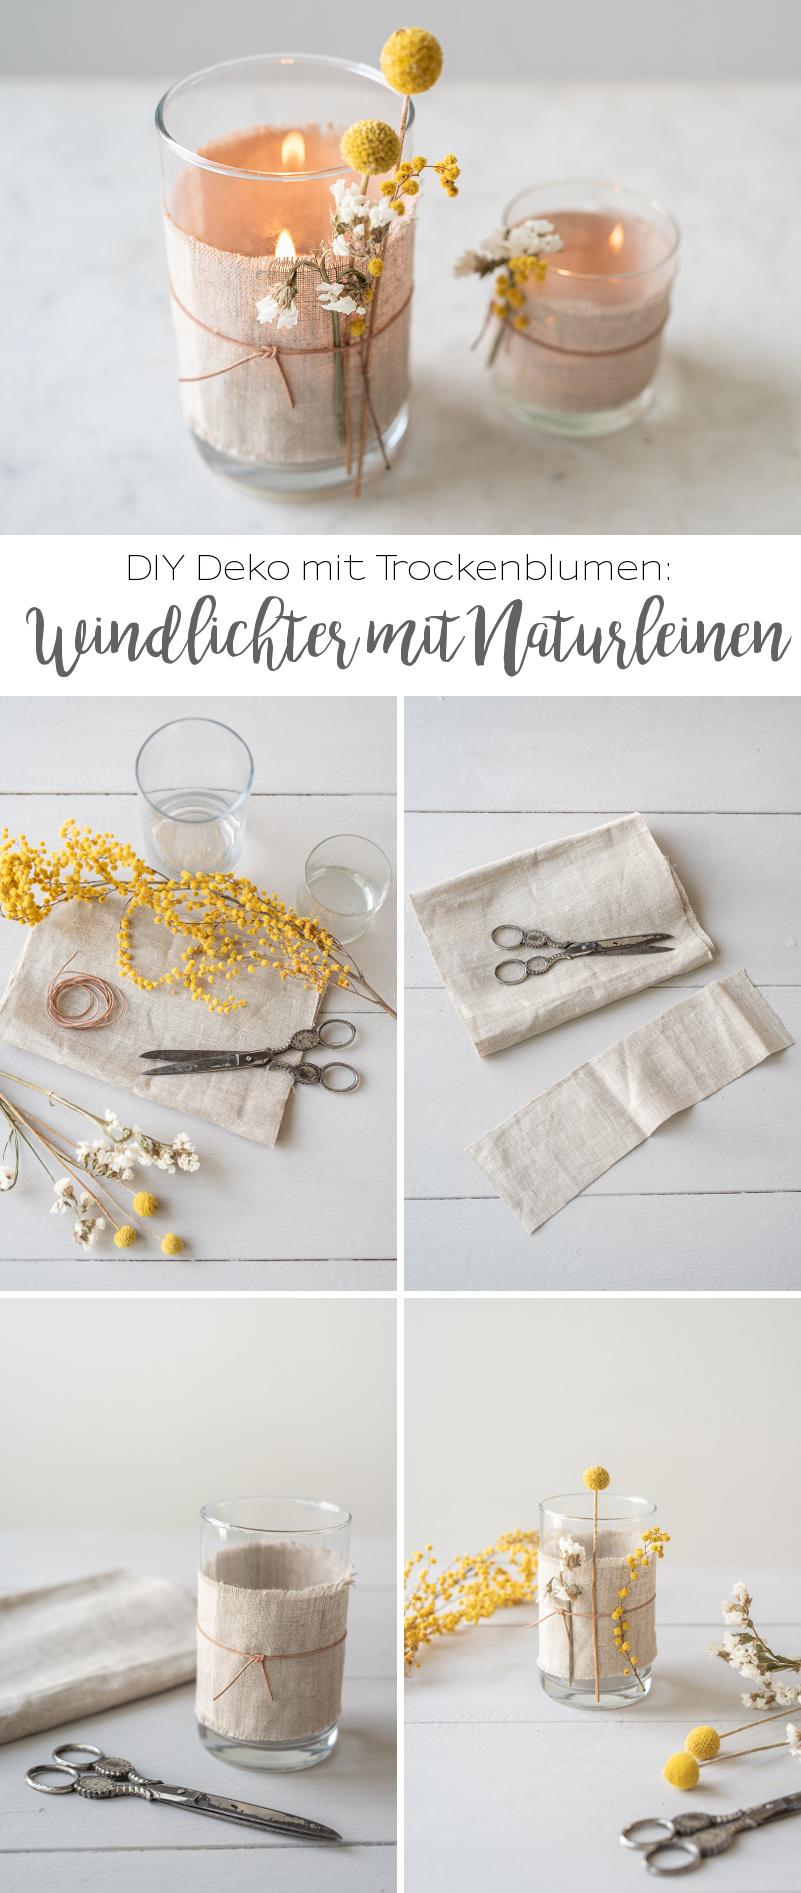 DIY – Deko mit Trockenblumen (1): Windlichter mit Leinen und Leder – Leelah Loves